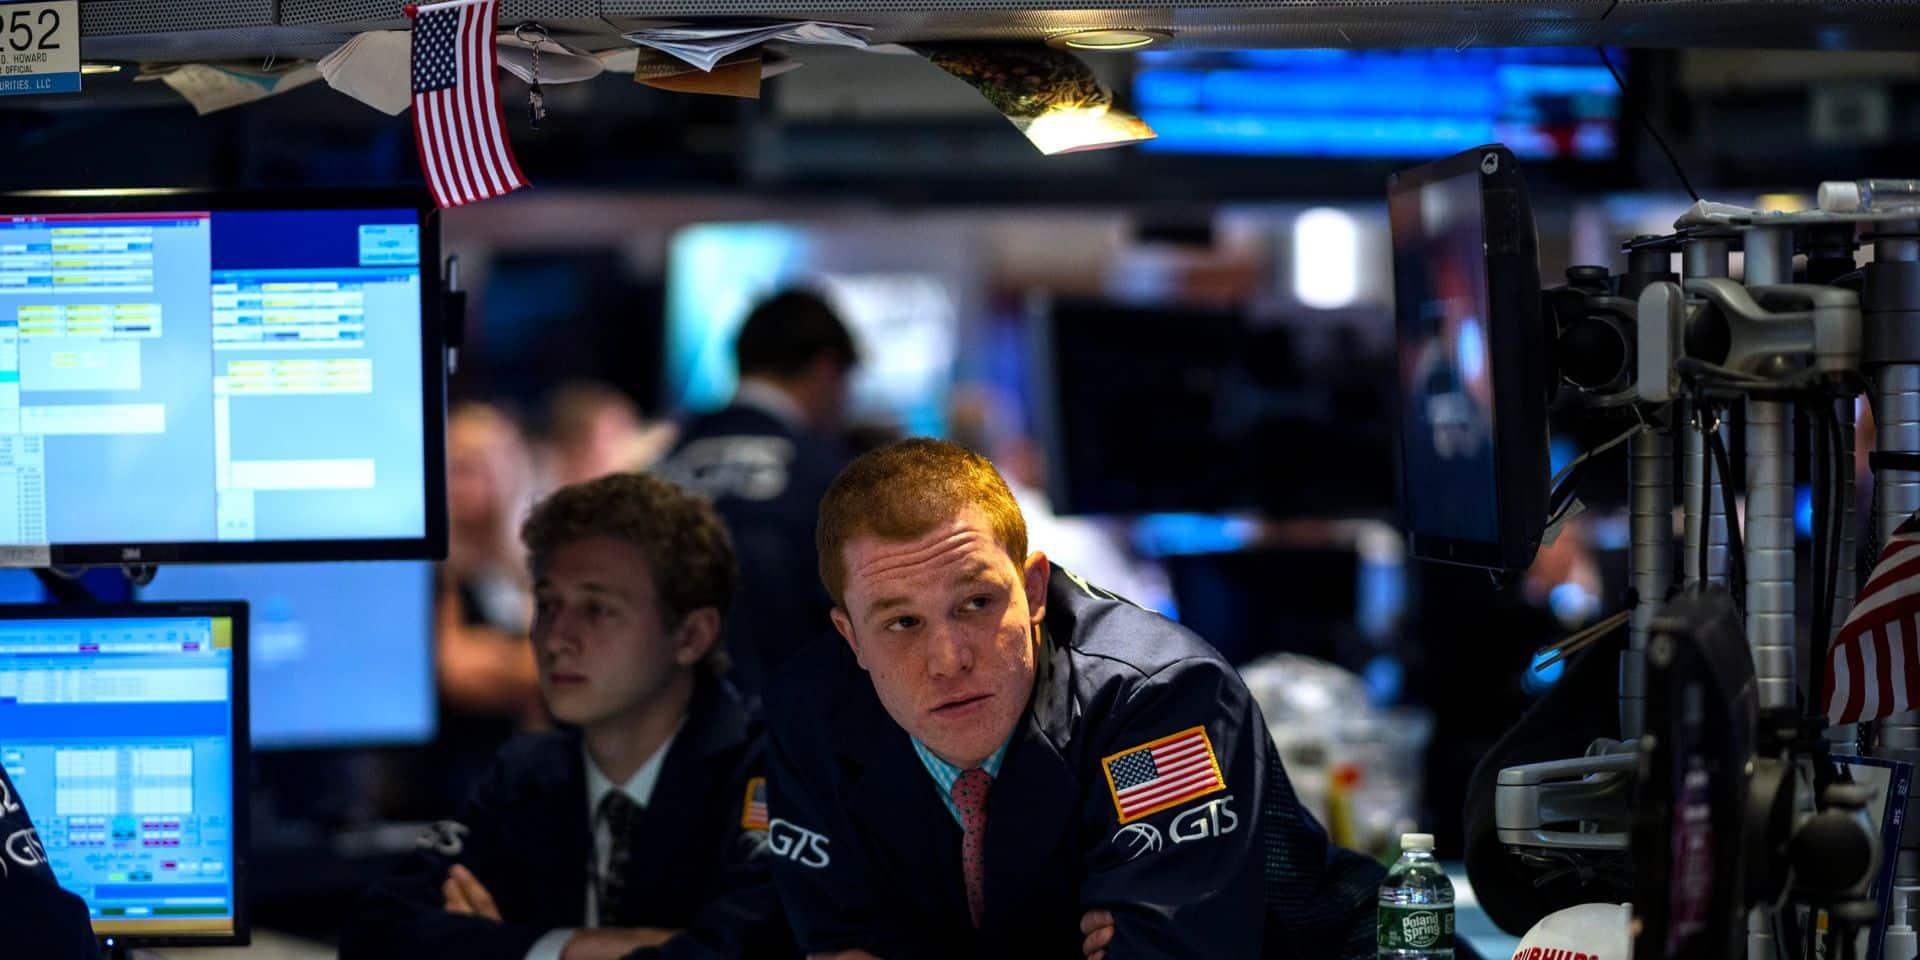 Wall Street ouvre en hausse malgré des résultats mitigés